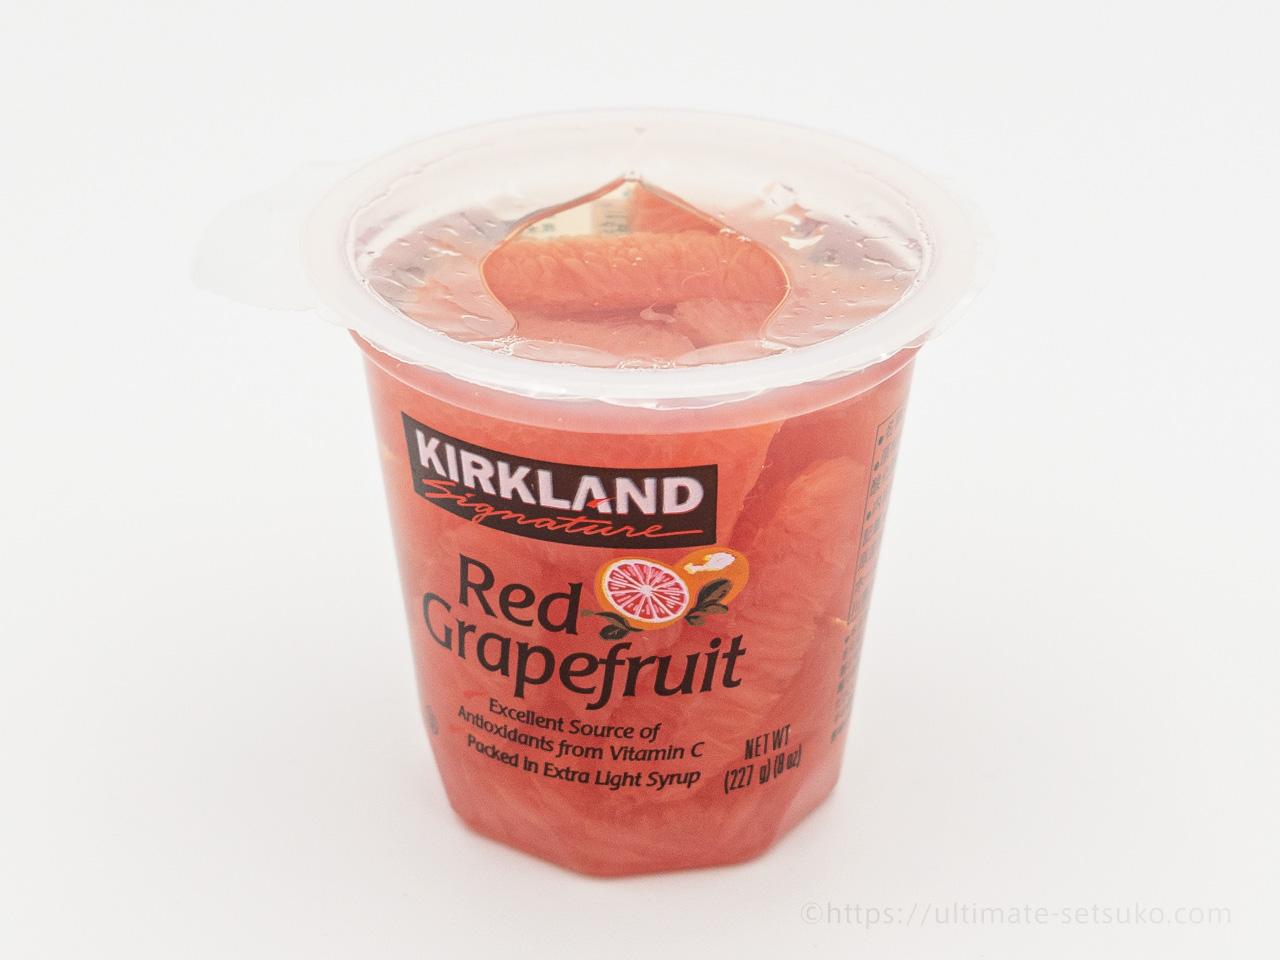 シロップ 漬け 在庫 コストコ グレープフルーツ